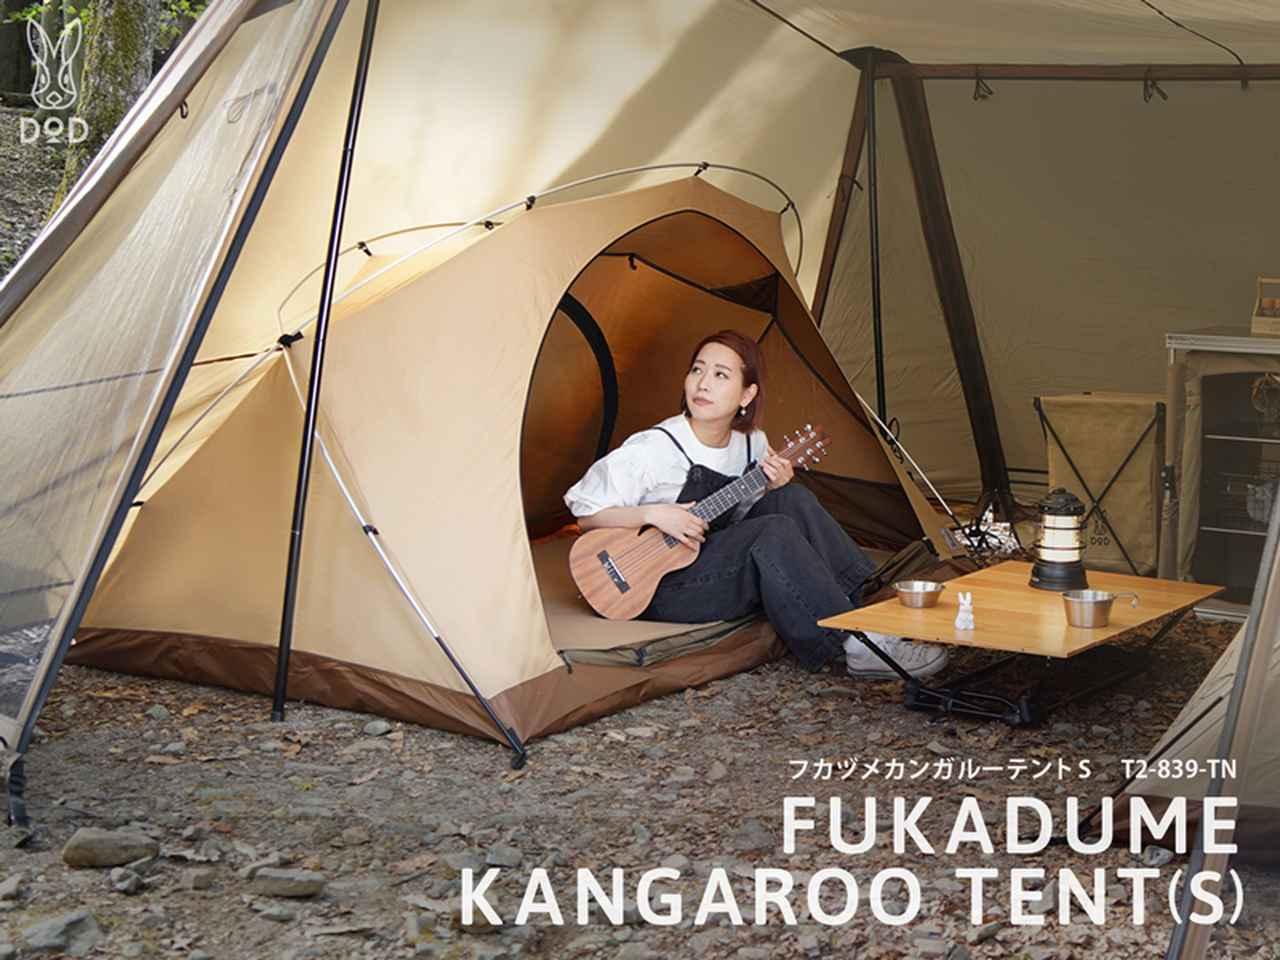 画像: フカヅメカンガルーテントS T2-839-TN - DOD(ディーオーディー):キャンプ用品ブランド